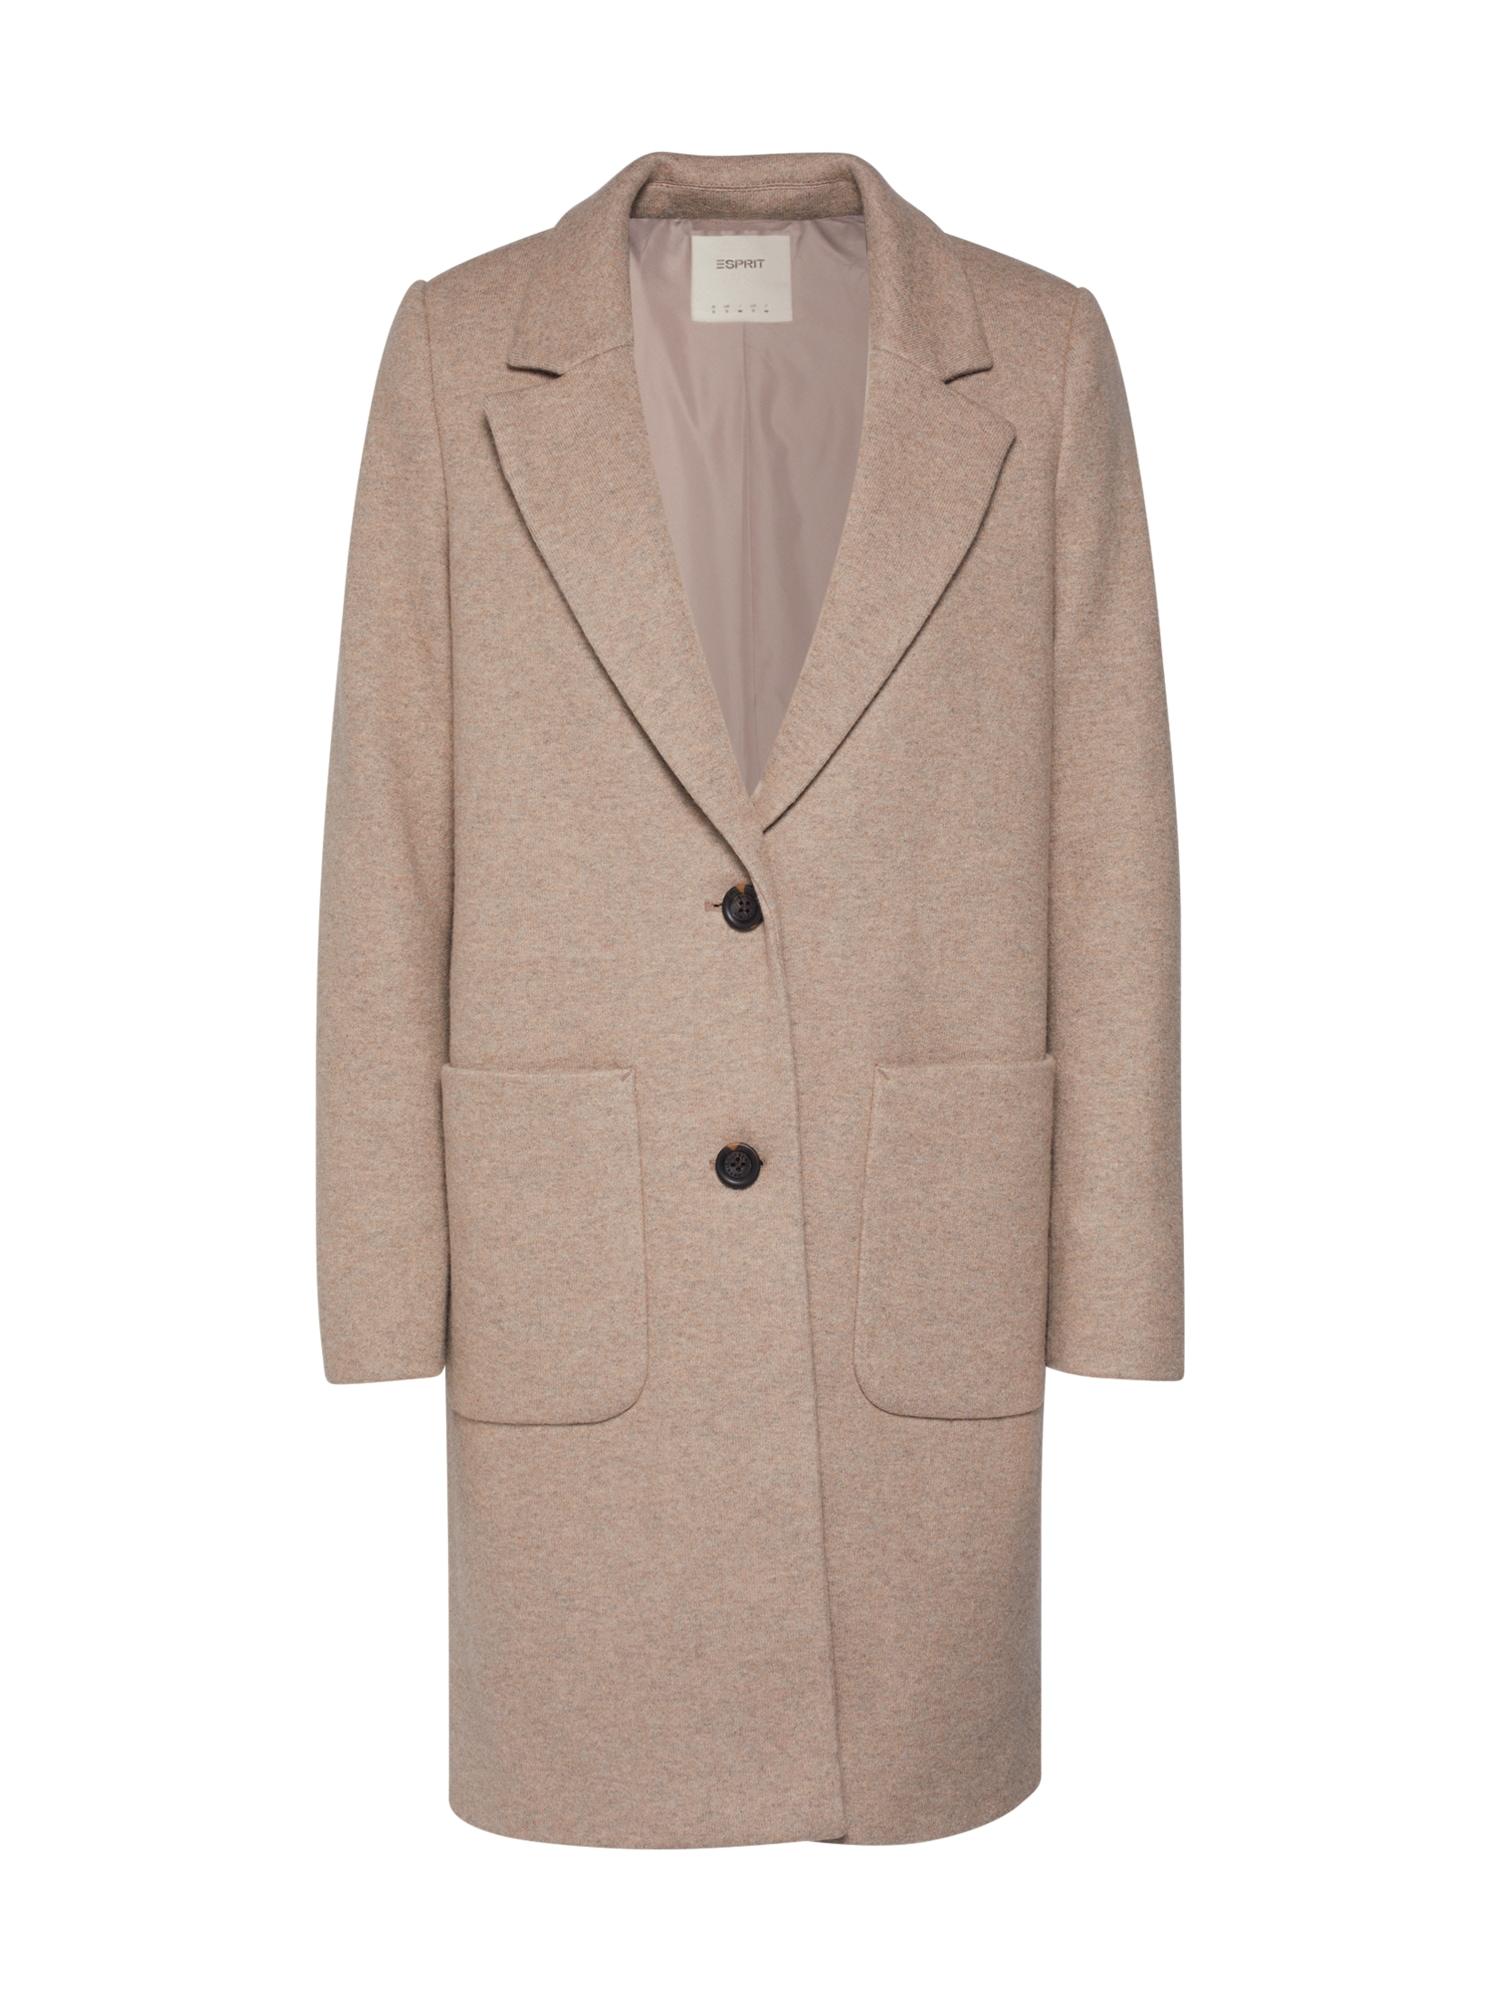 ESPRIT Rudeninis-žieminis paltas marga smėlio spalva